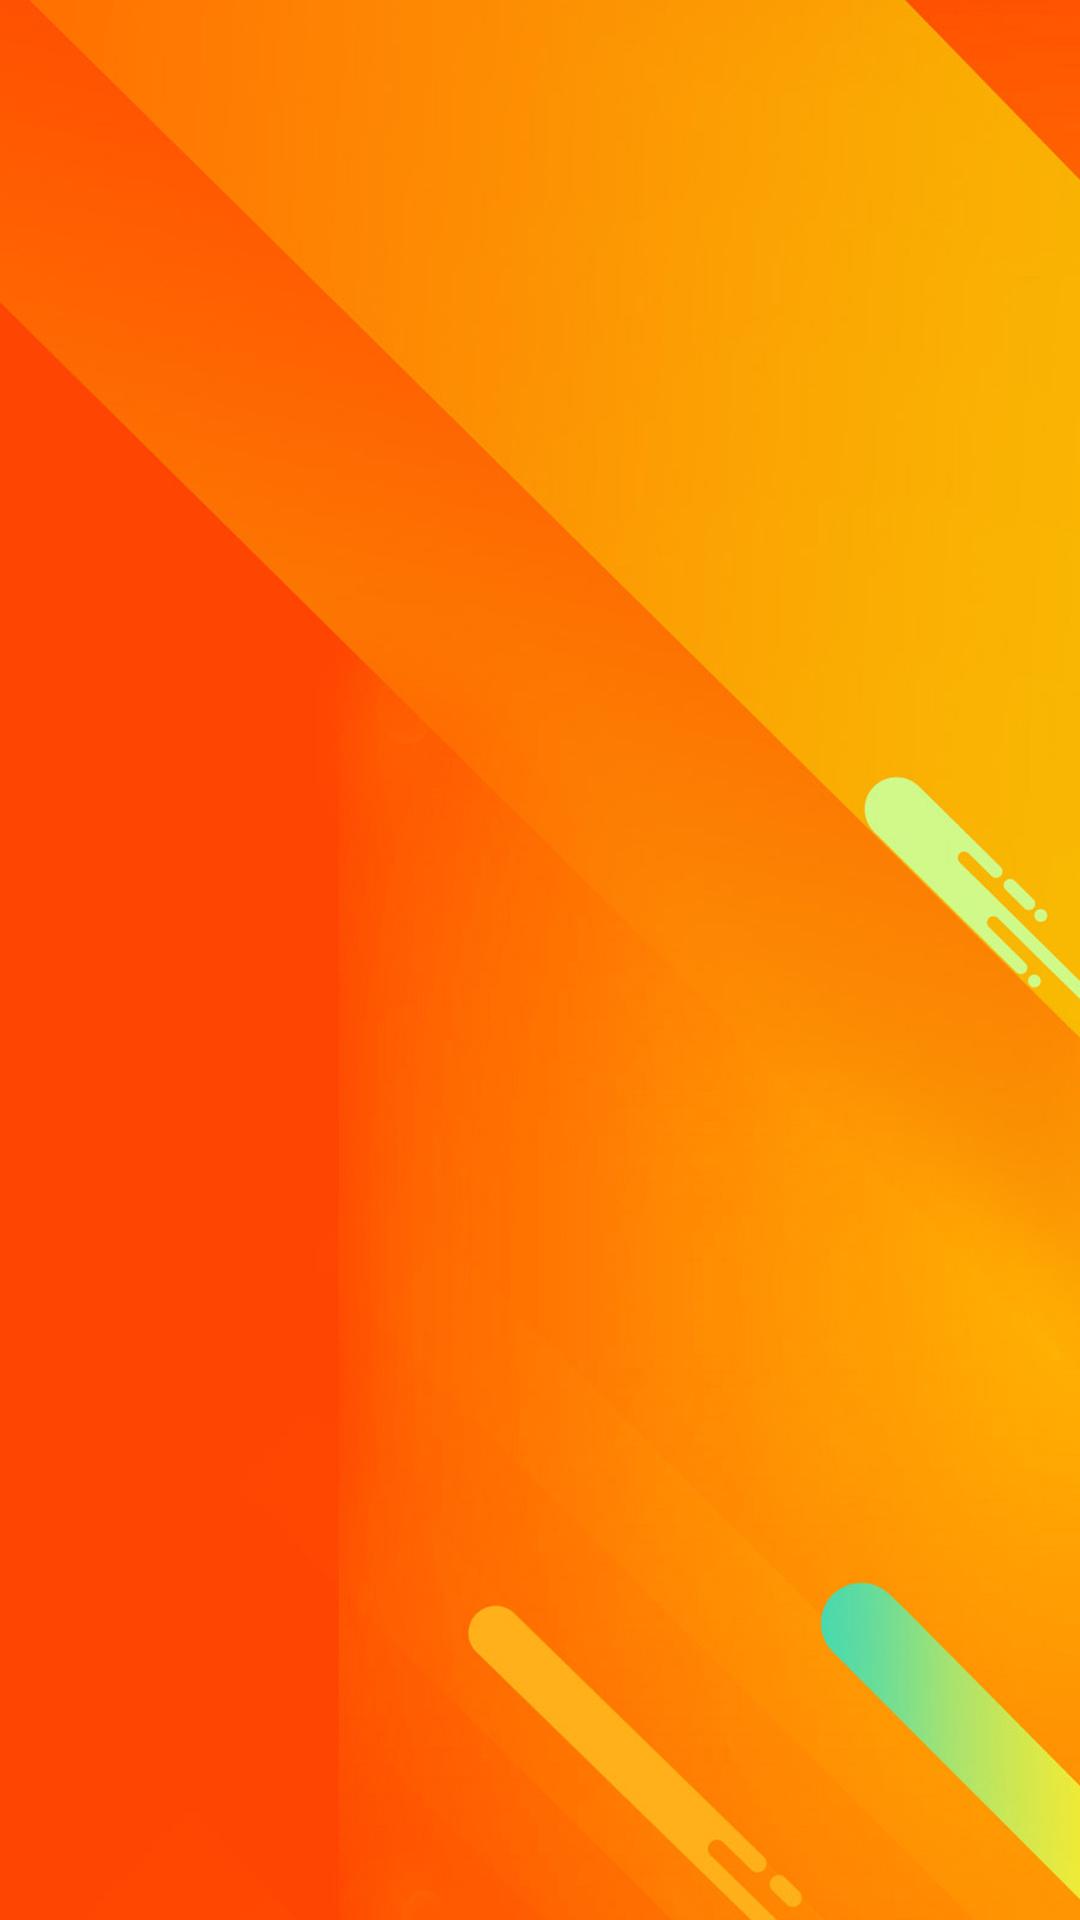 design gr u00e1fico luz arte background papel de parede cor